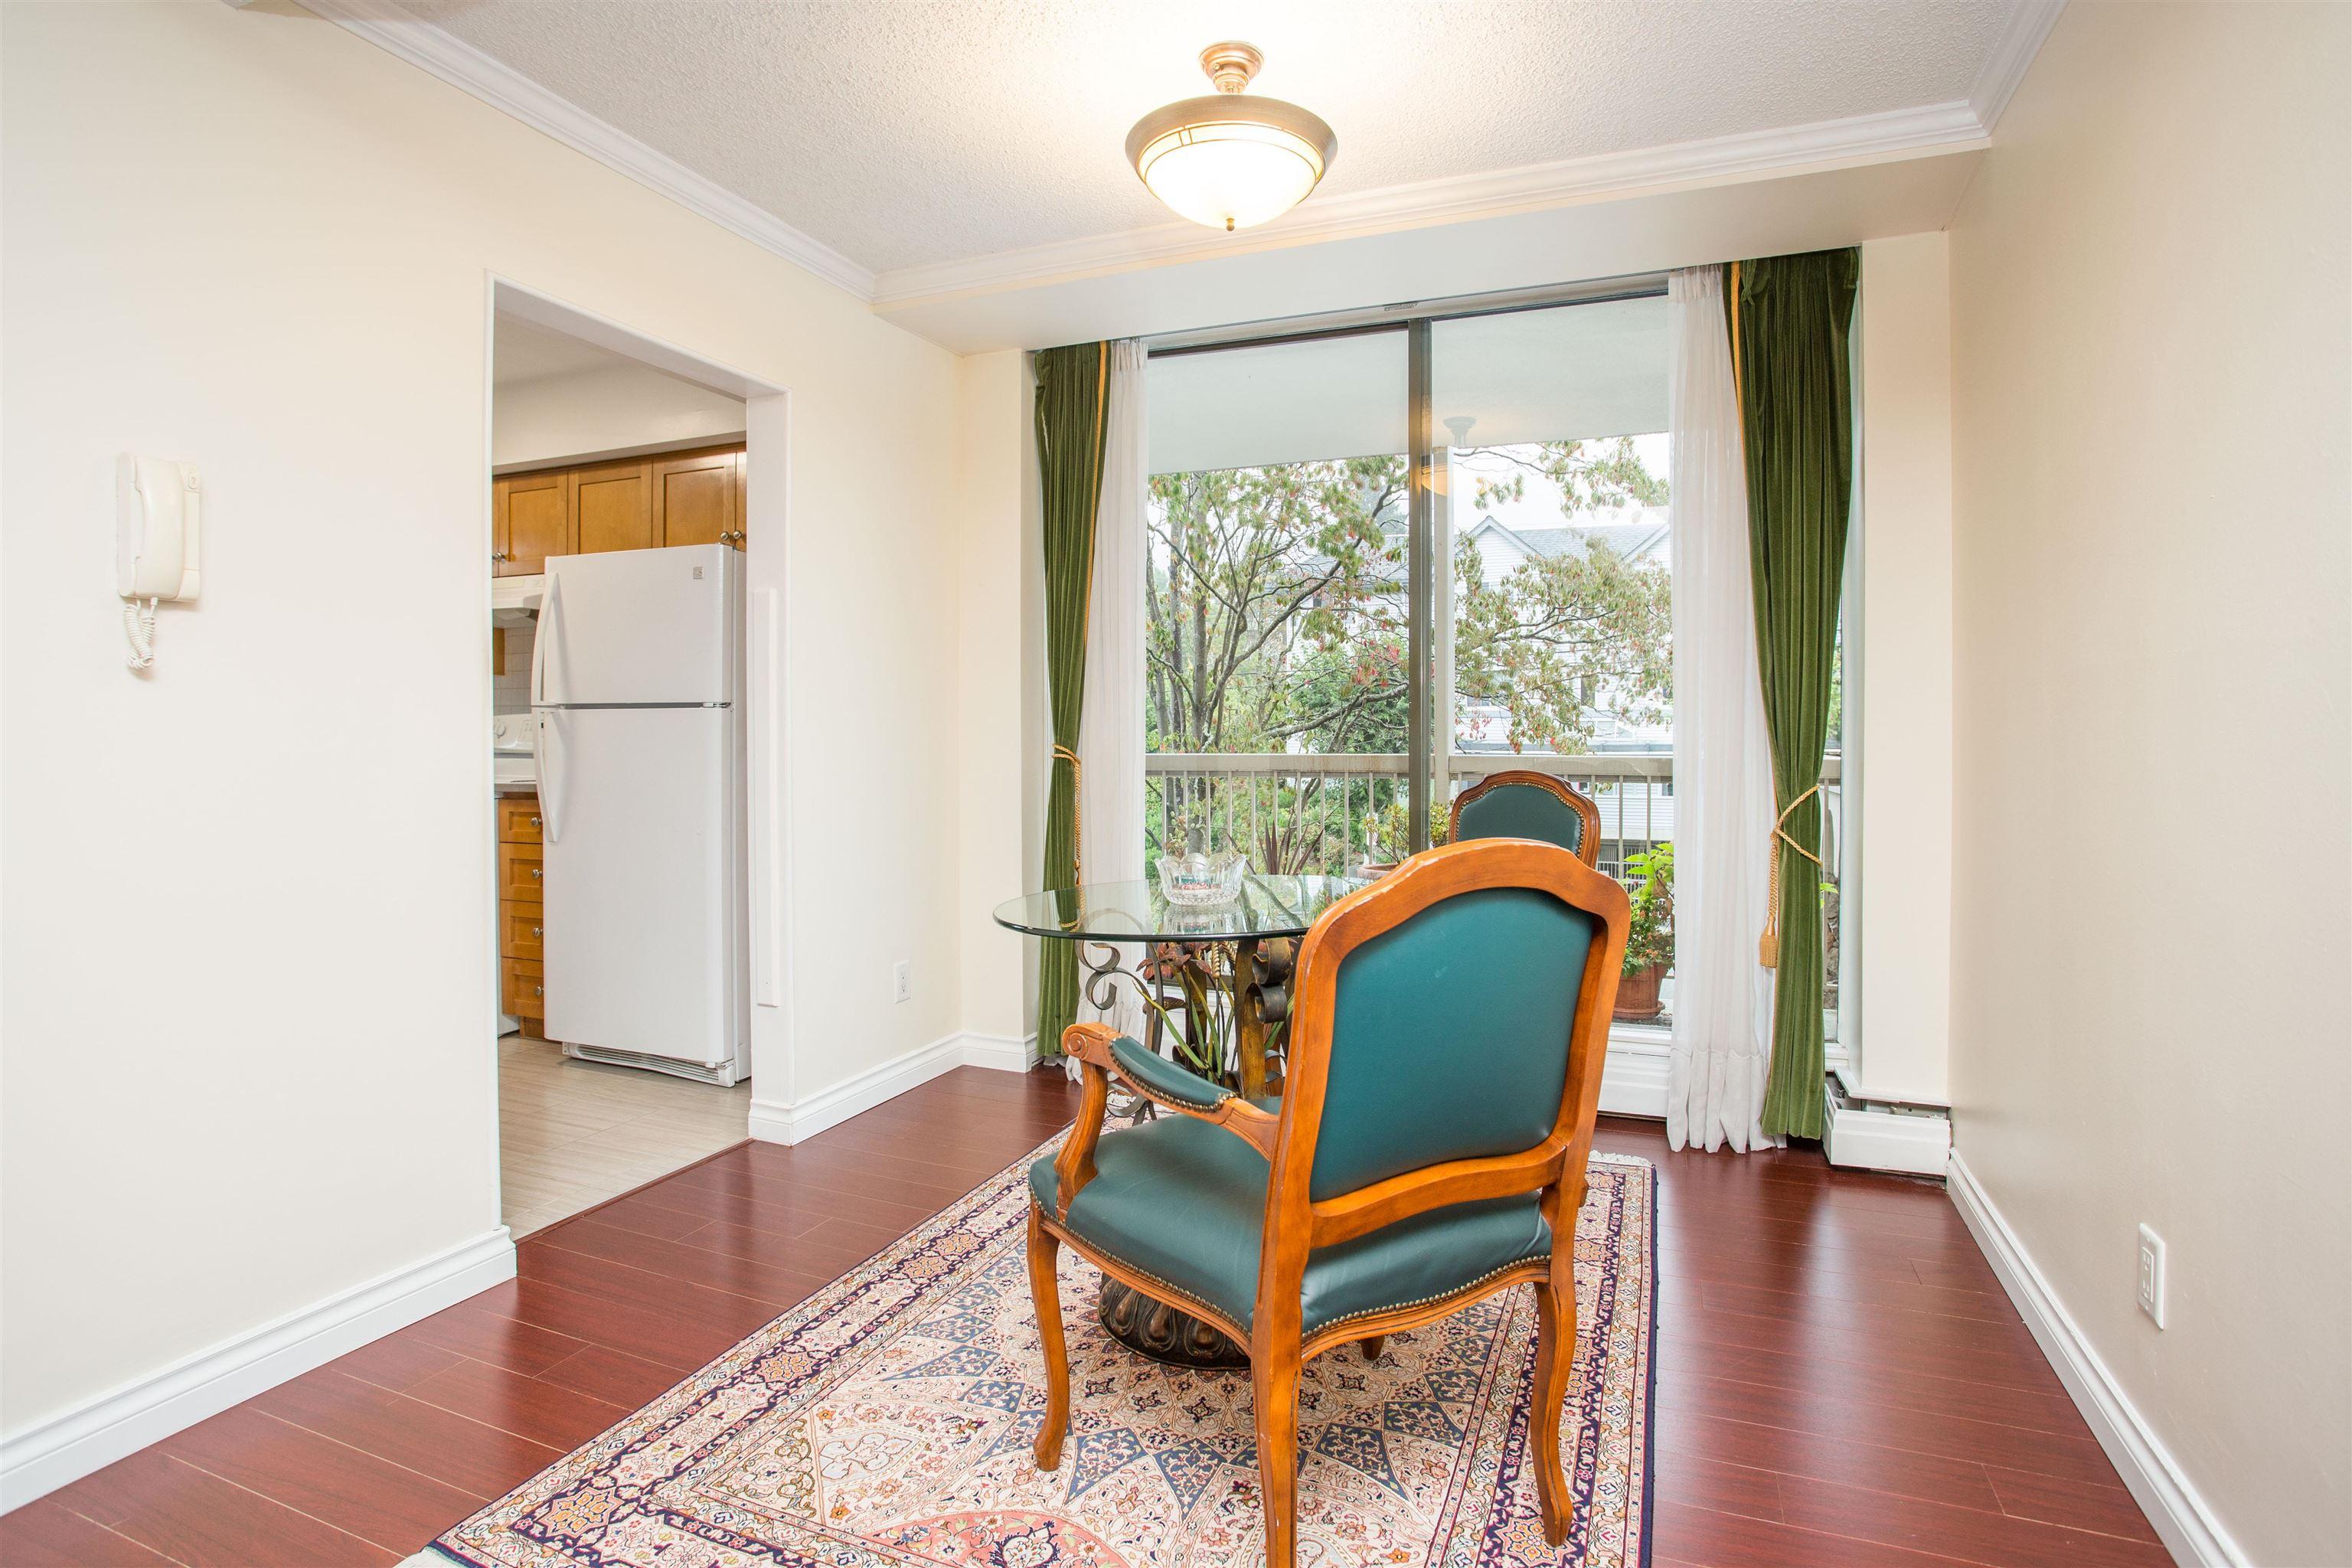 203 1390 DUCHESS AVENUE - Ambleside Apartment/Condo for sale, 1 Bedroom (R2611618) - #5